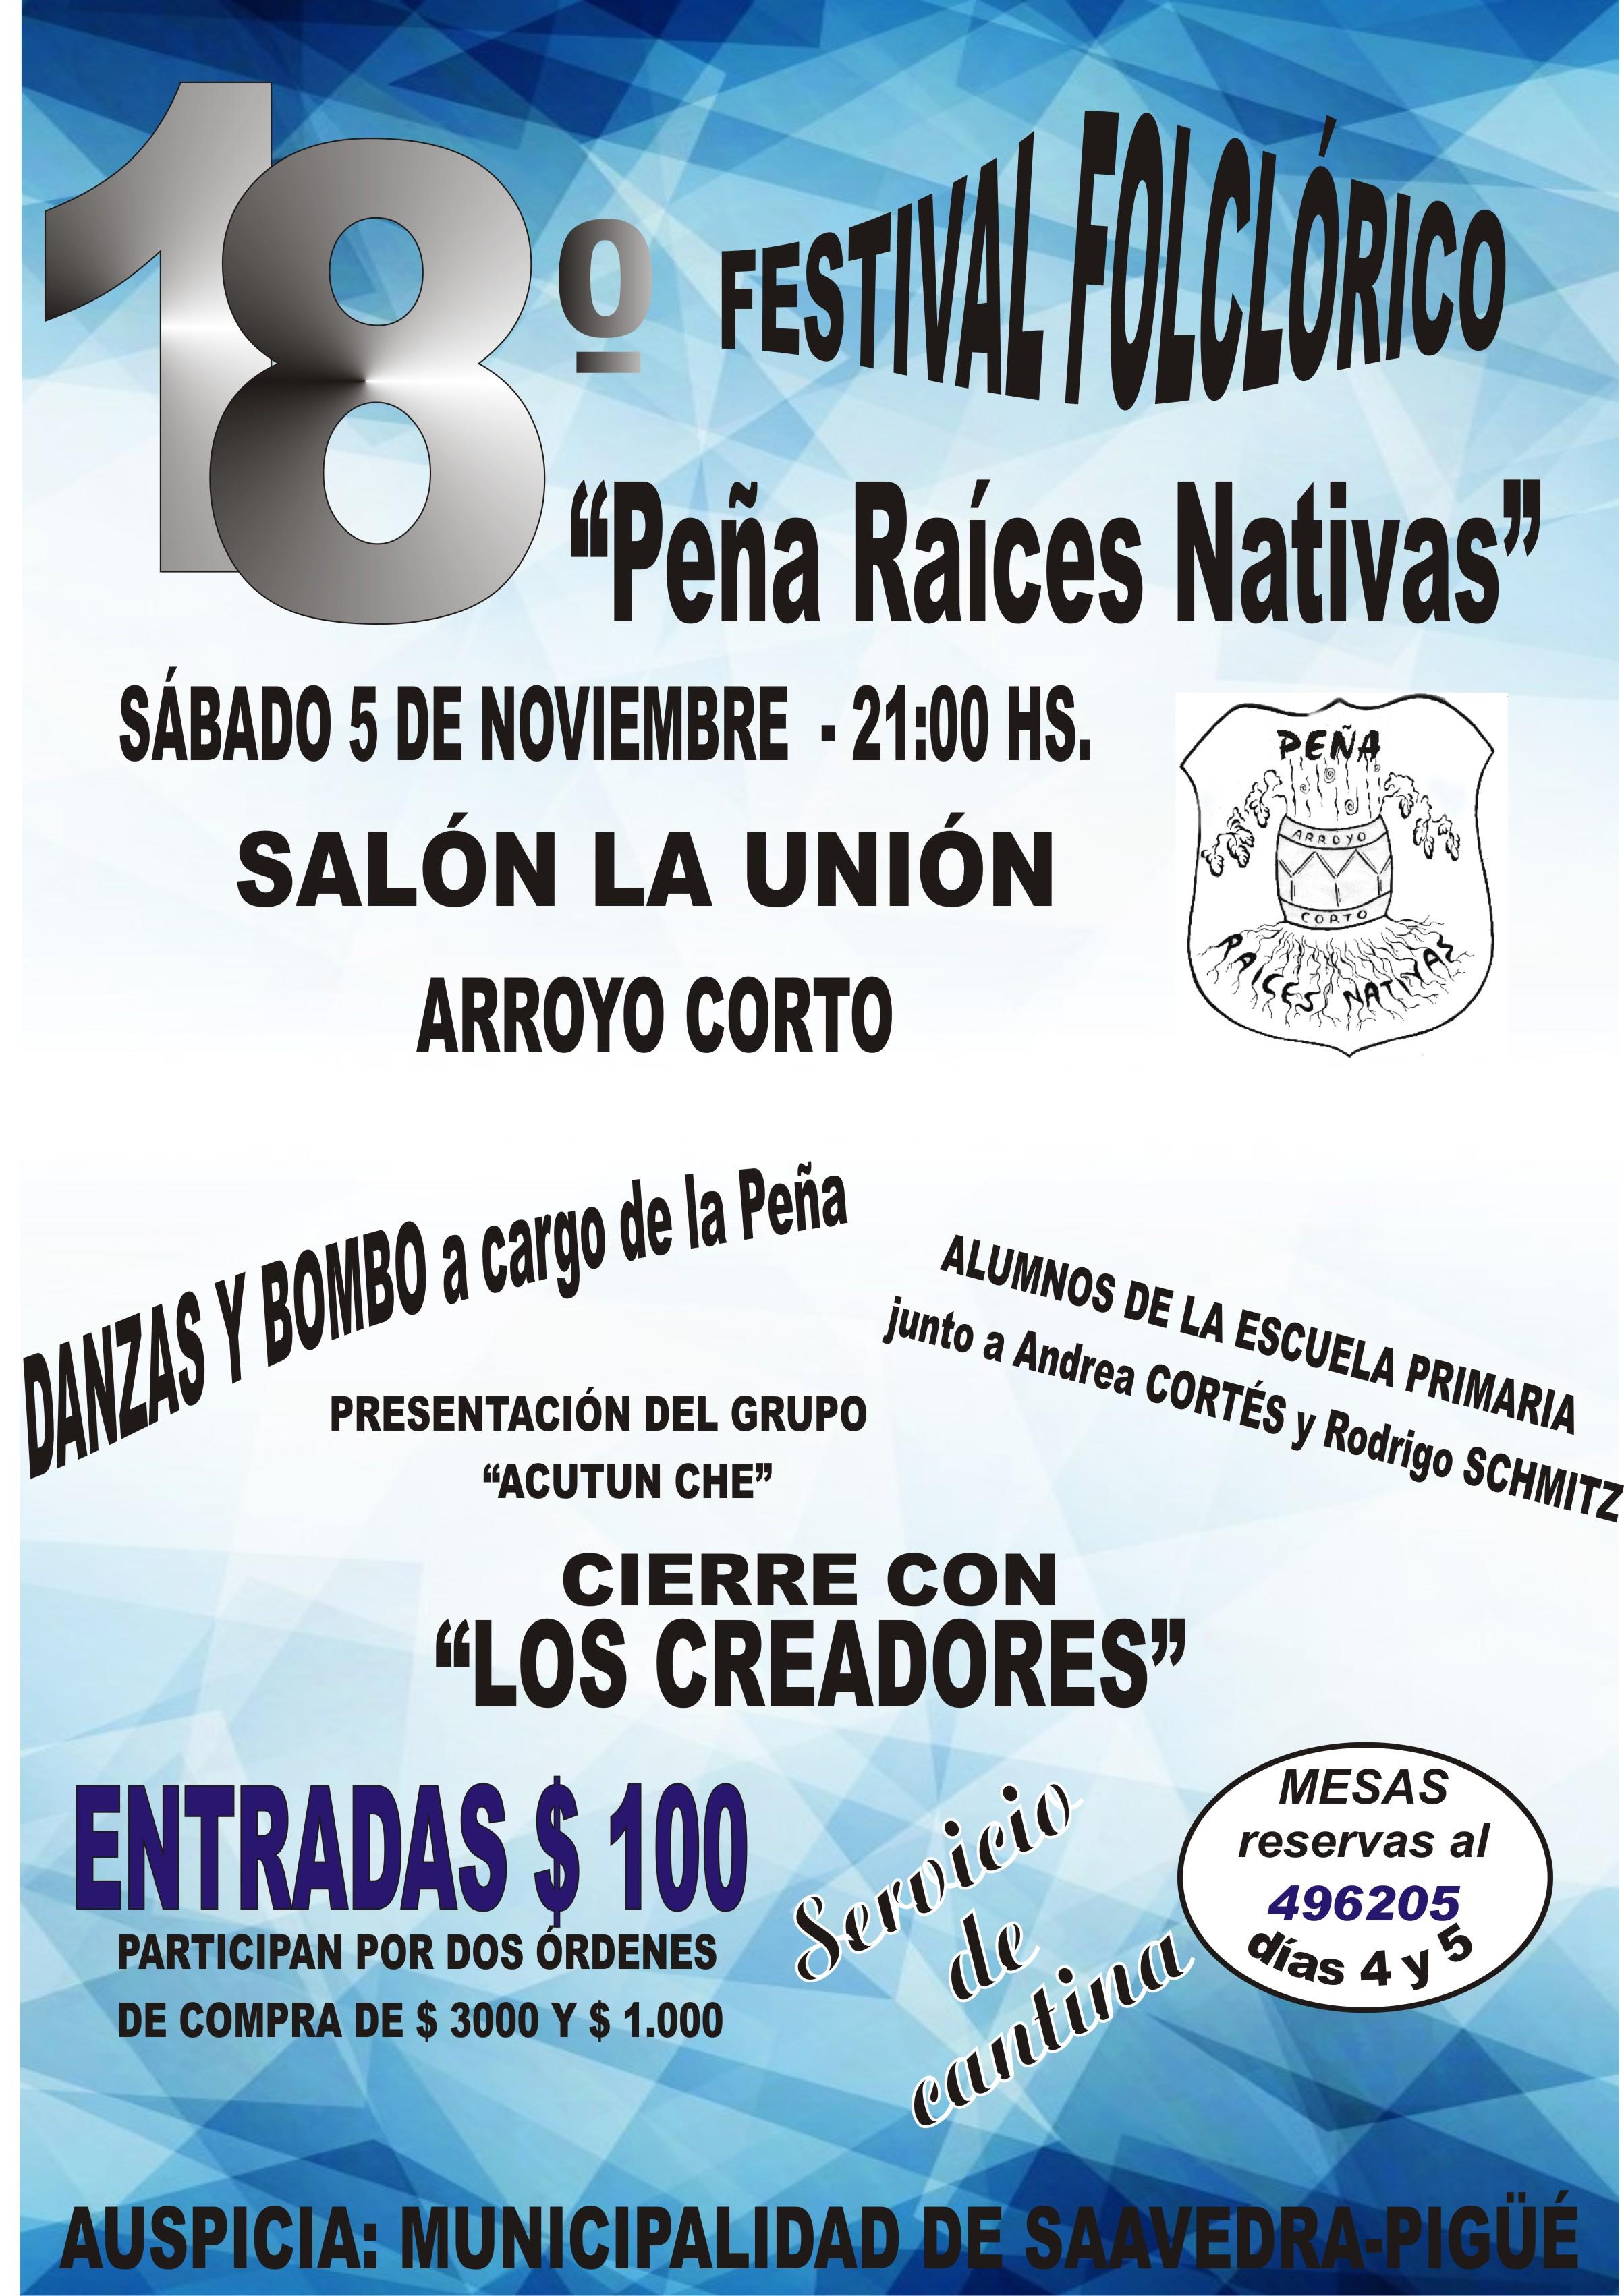 Festival Folclórico de la Peña Raices Nativas en Arroyo Corto